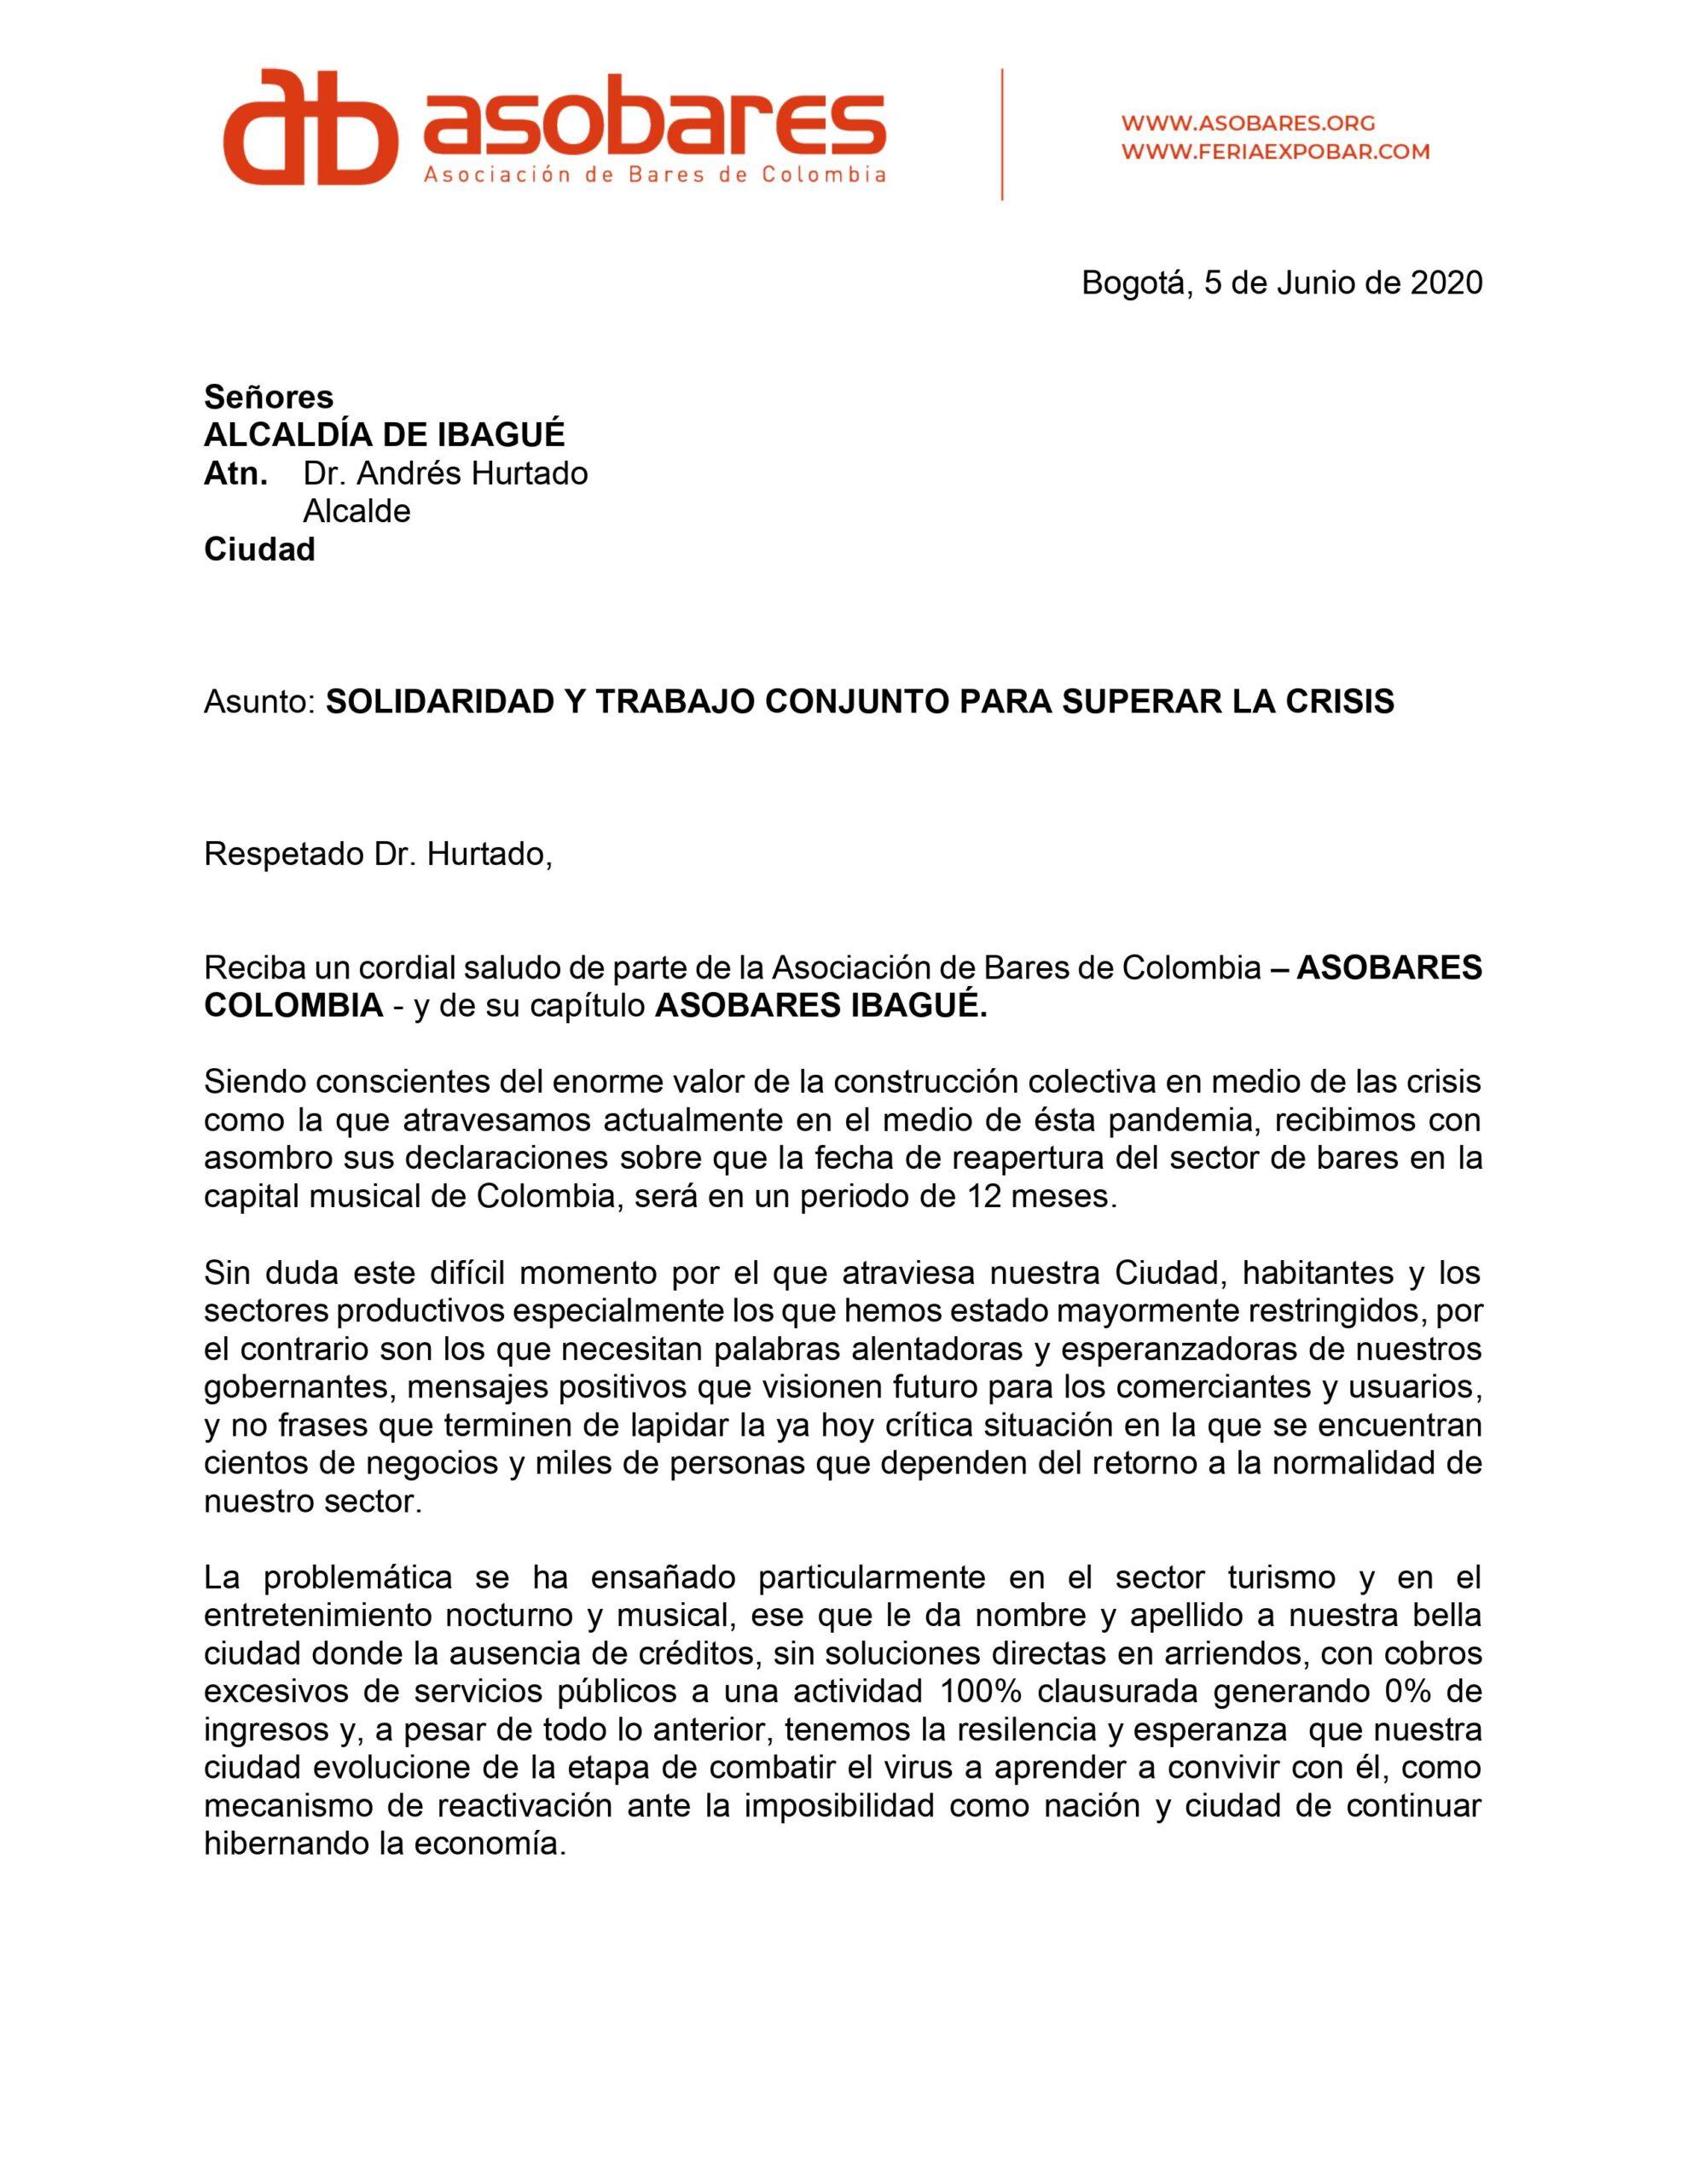 ASOBARES en Ibagué le pide salvavidas a la Alcaldía 2